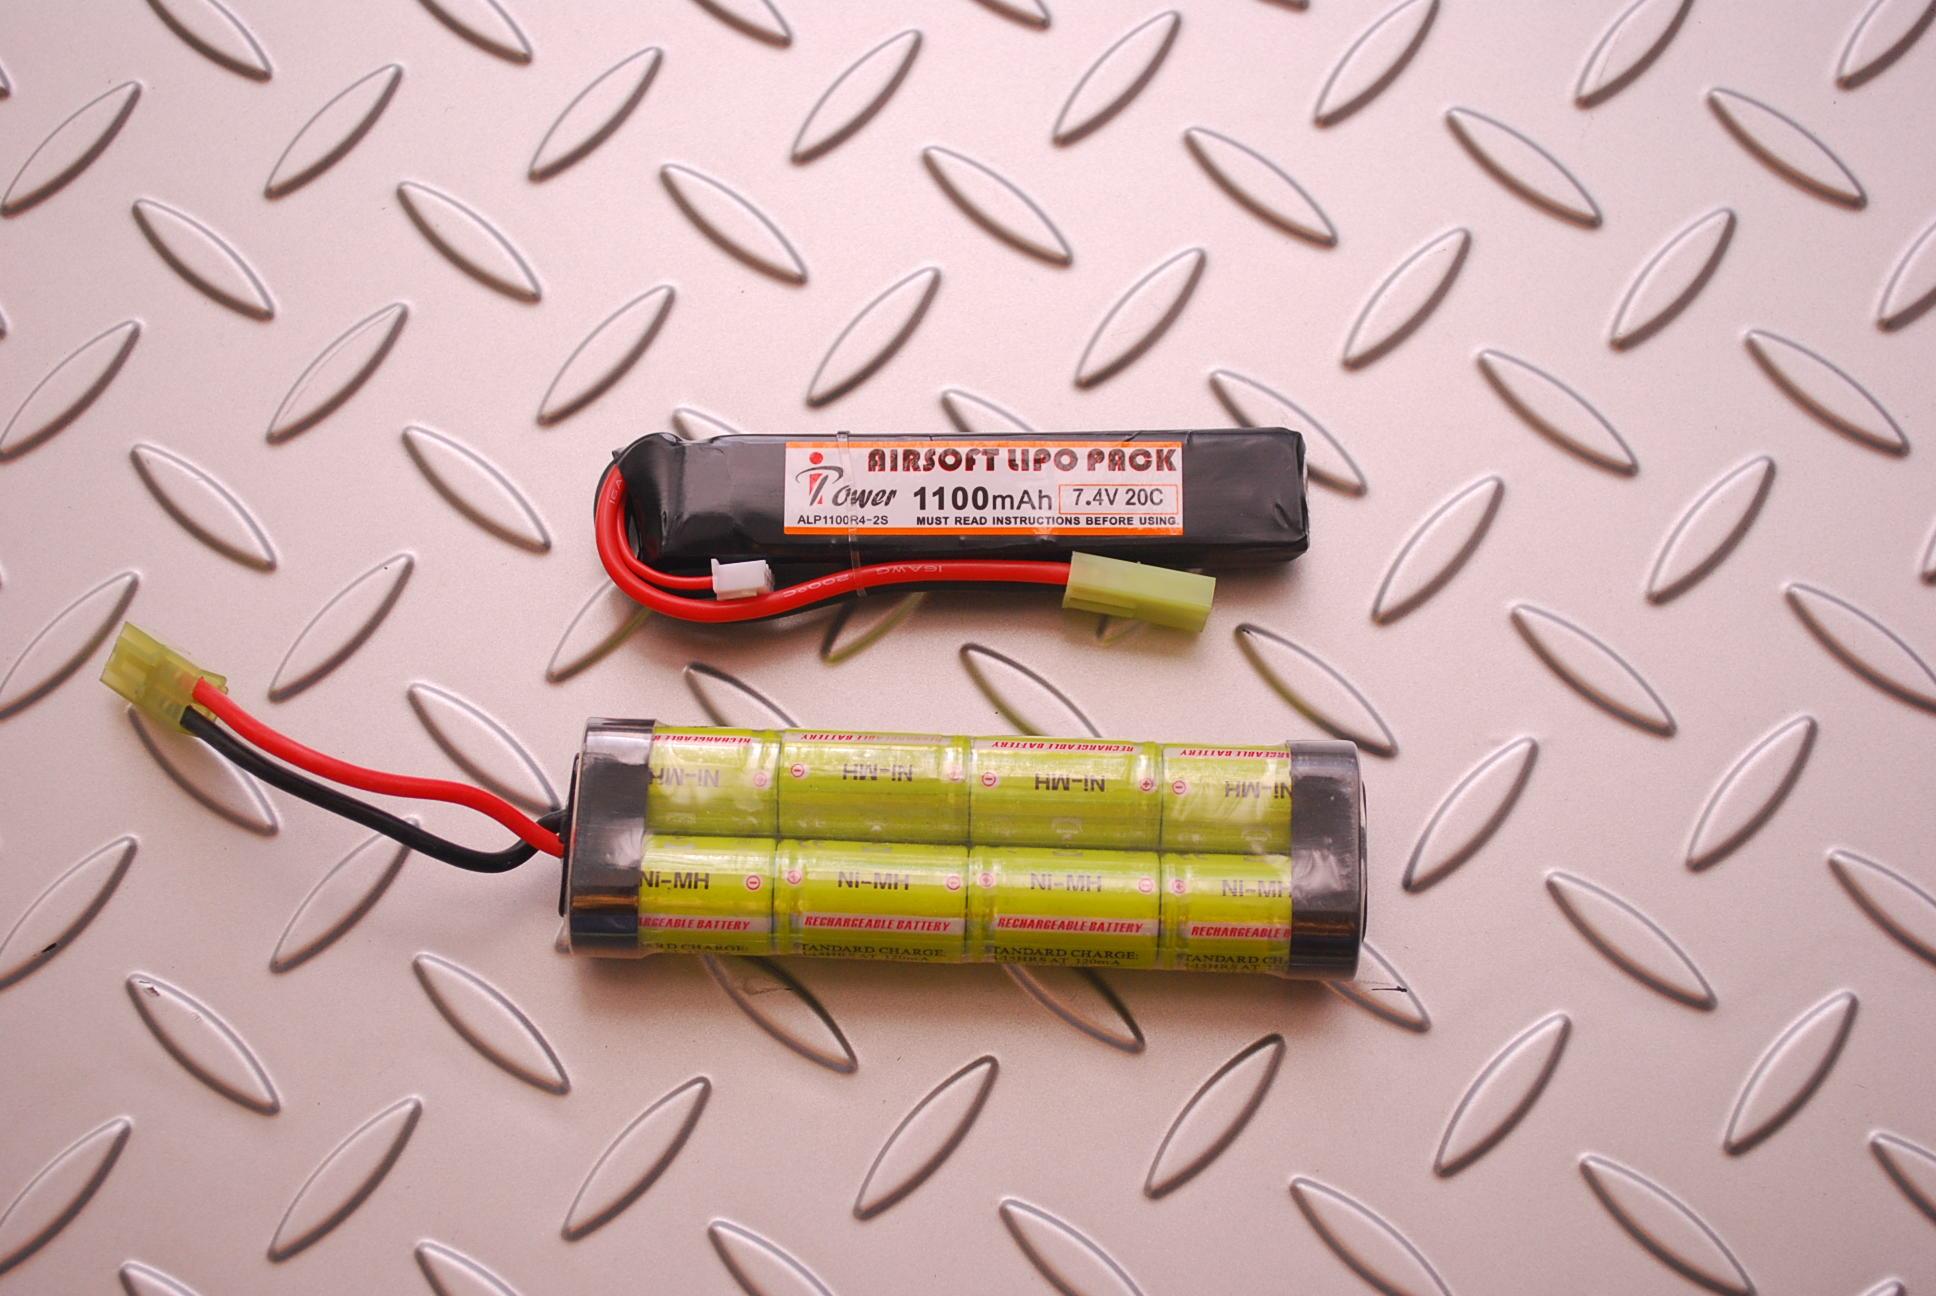 Ipower製 1100mAh 7.4V20C LiPoバッテリー(ストックイン)